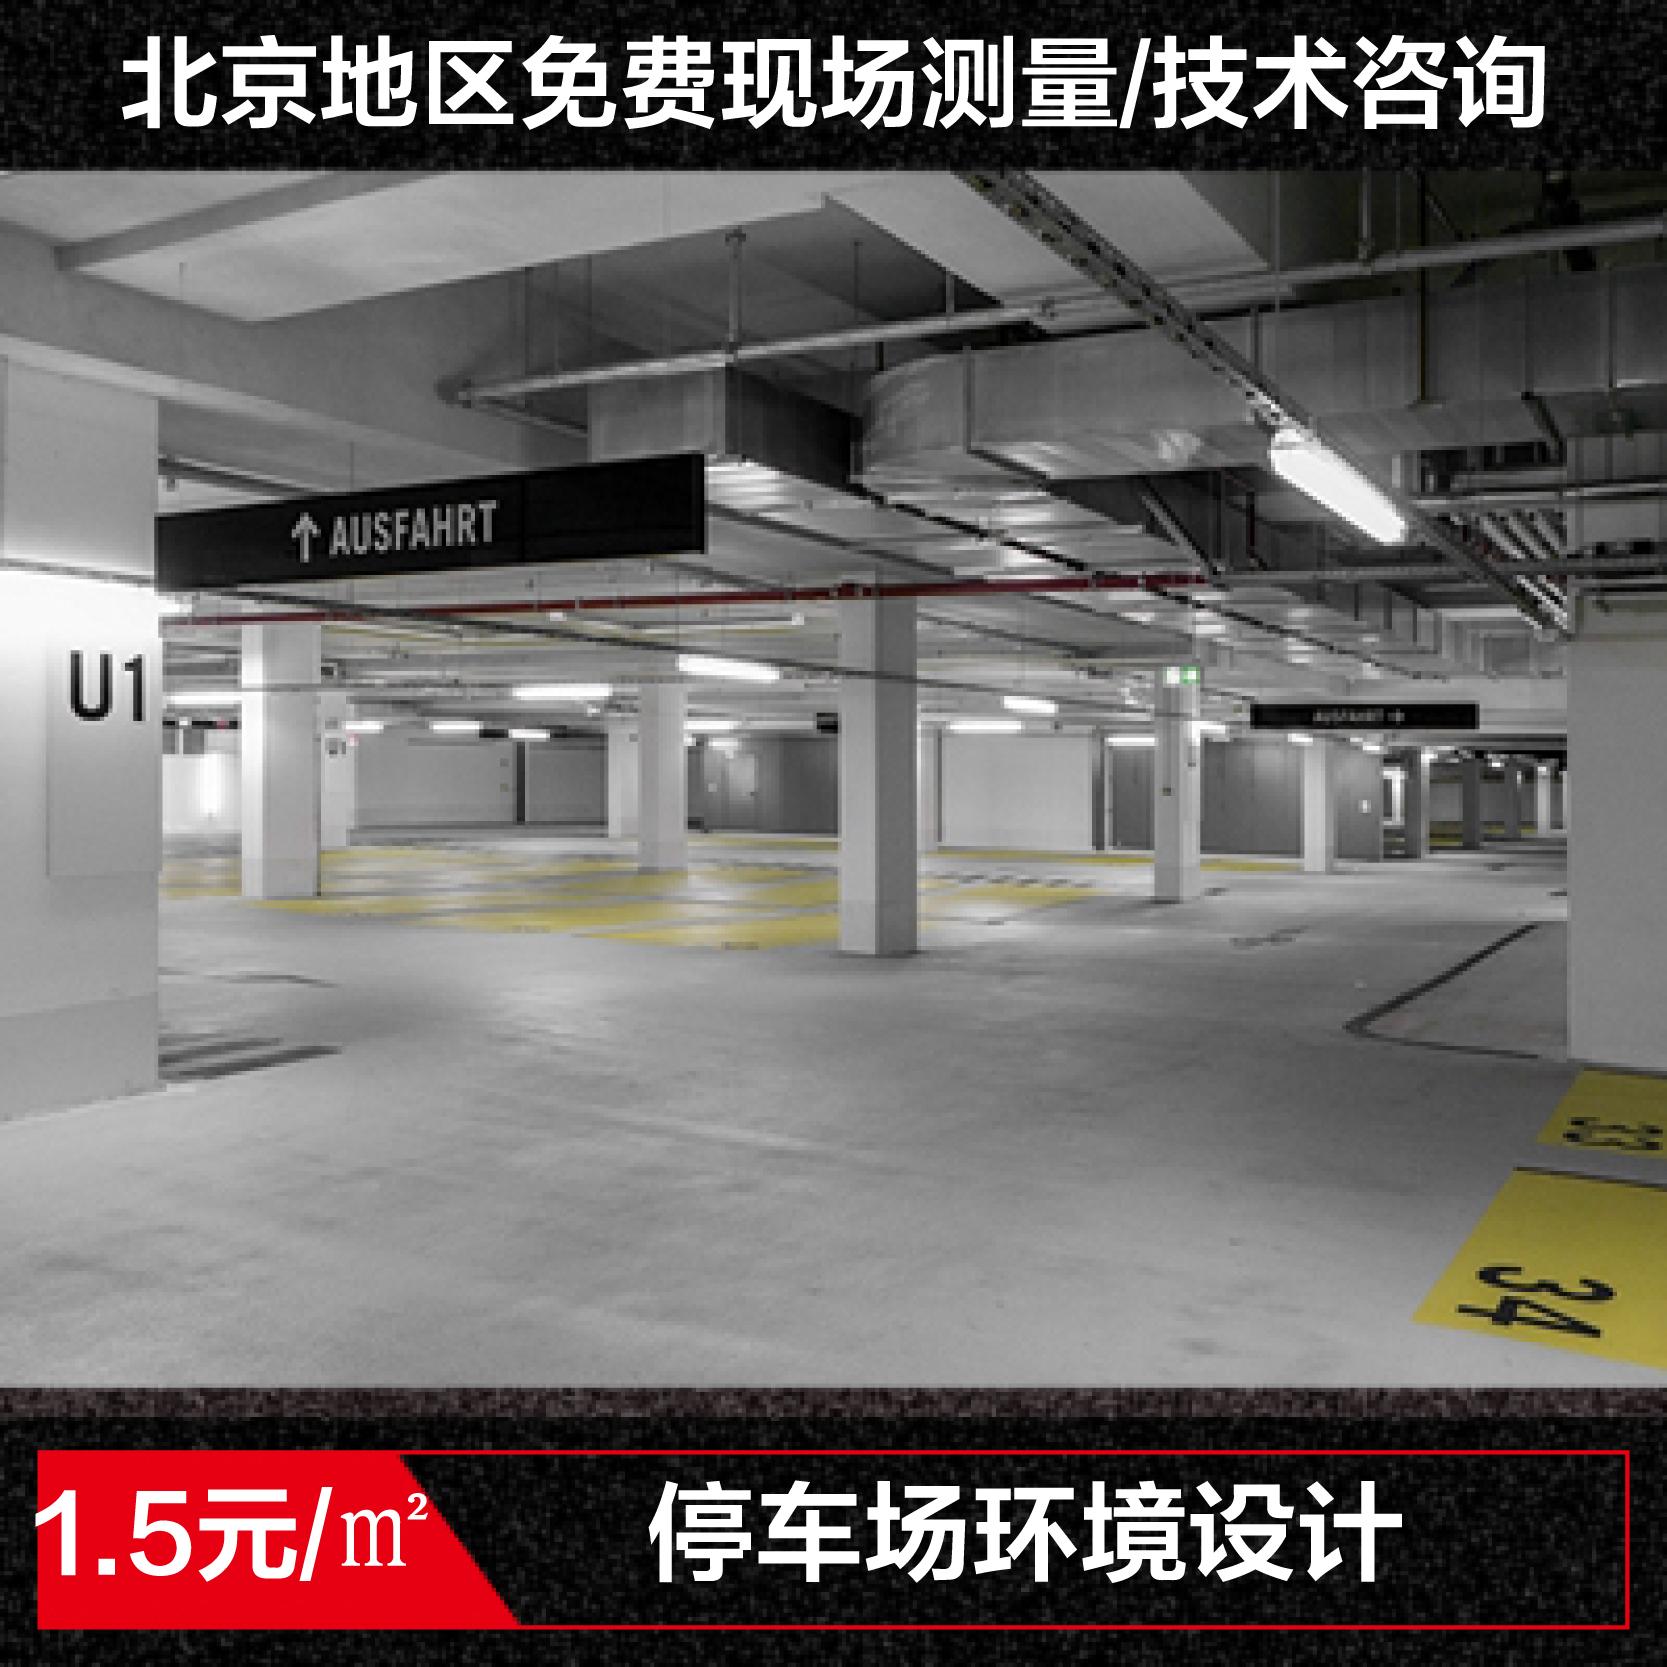 停车场设计 地下停车场设计 商场车库设计 北京地区提供现场图片